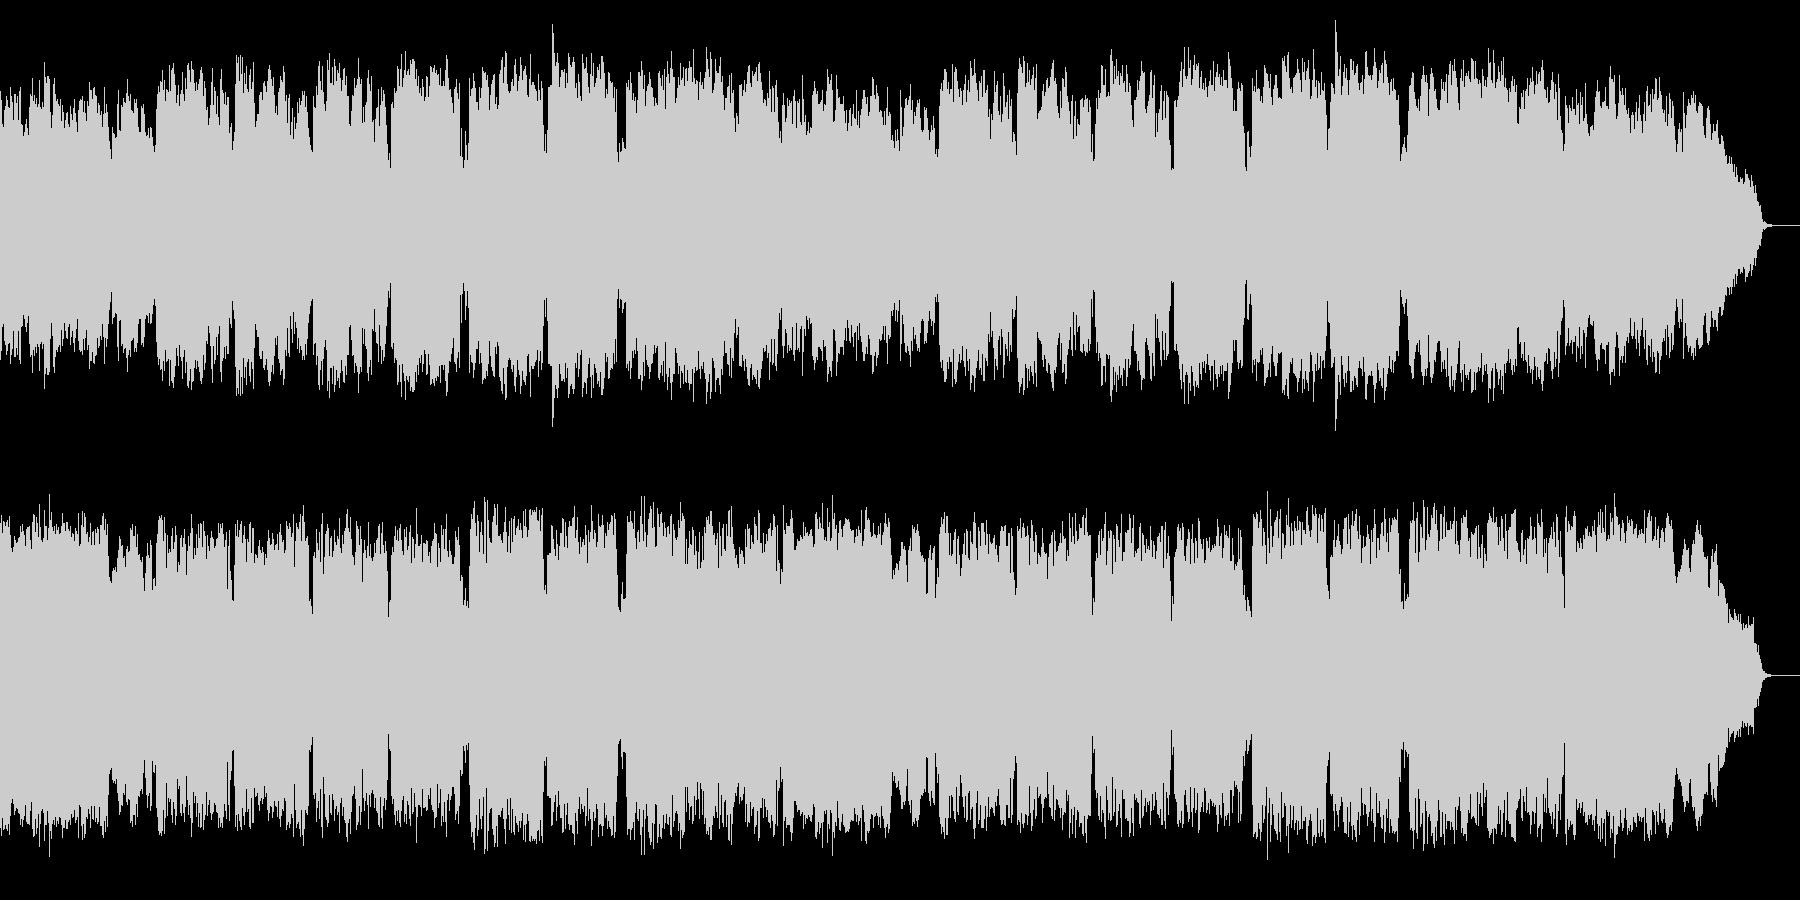 クラリネットが演奏する優しい唱歌の様な曲の未再生の波形